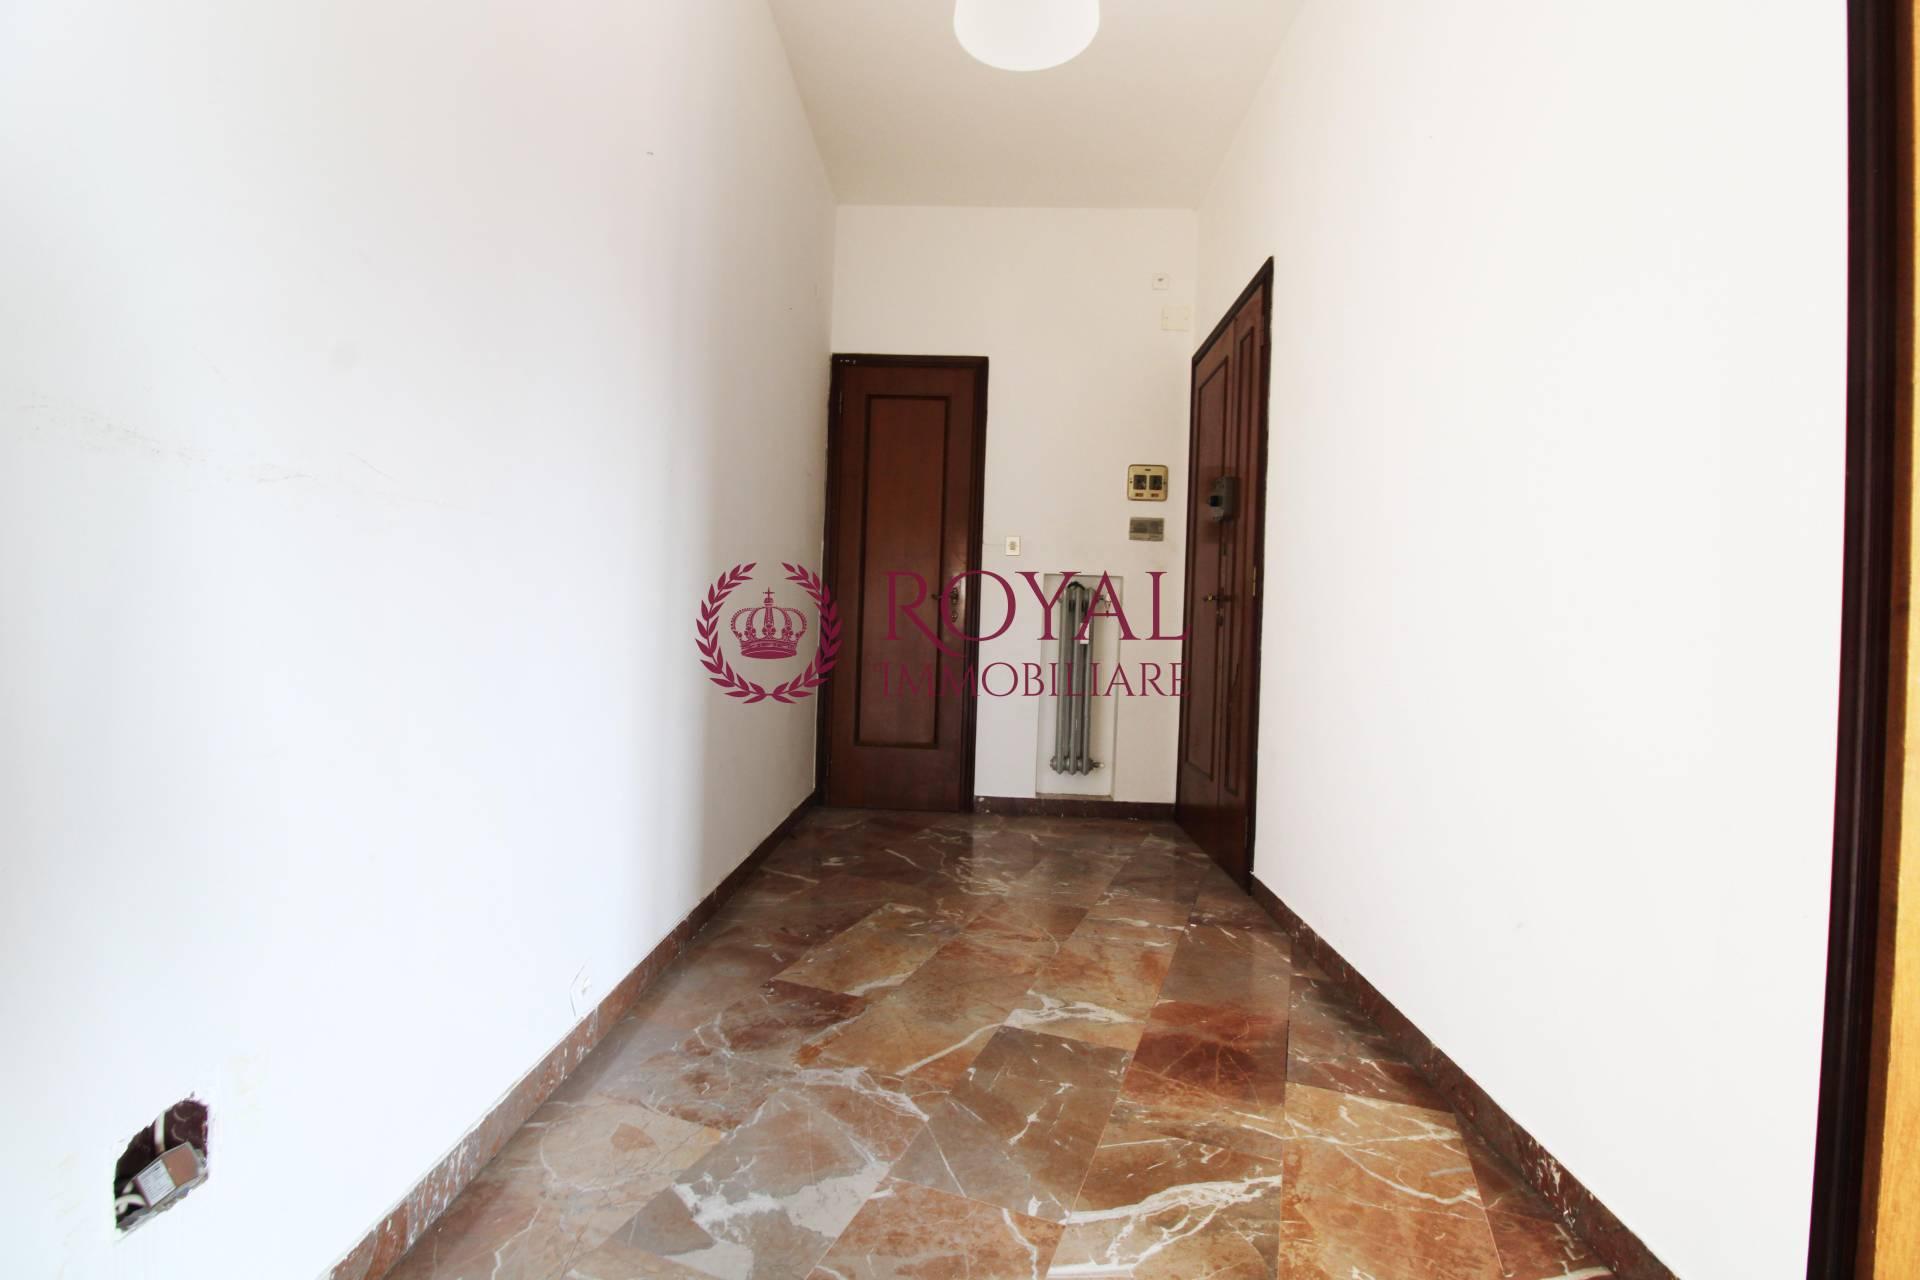 Appartamento in affitto a Cavour - San Carlo, Livorno (LI)